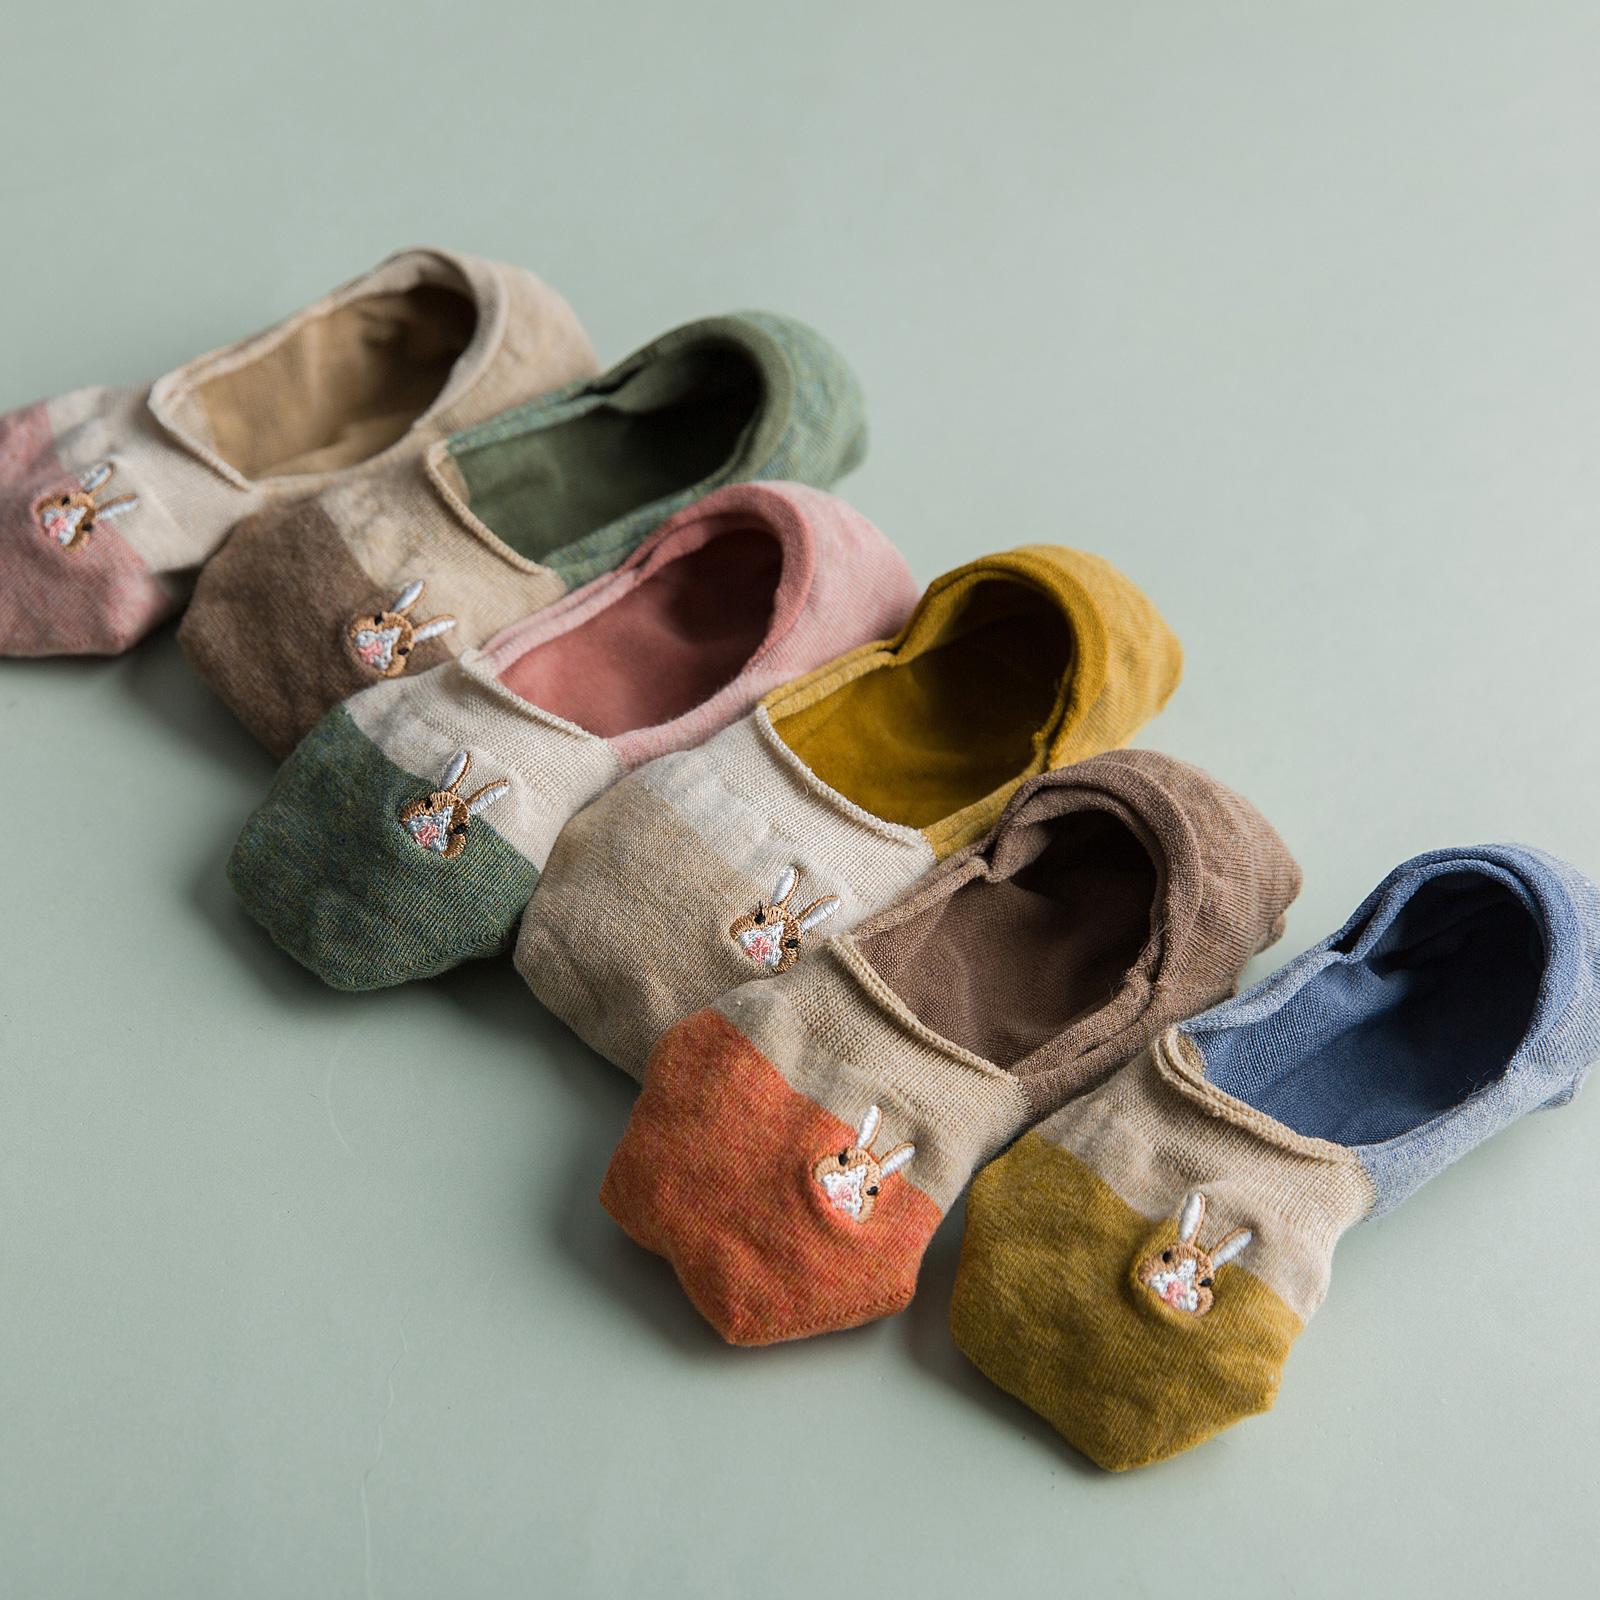 单鞋袜子女短袜浅口可爱袜底全隐形船袜夏季薄款纯棉硅胶防滑袜套